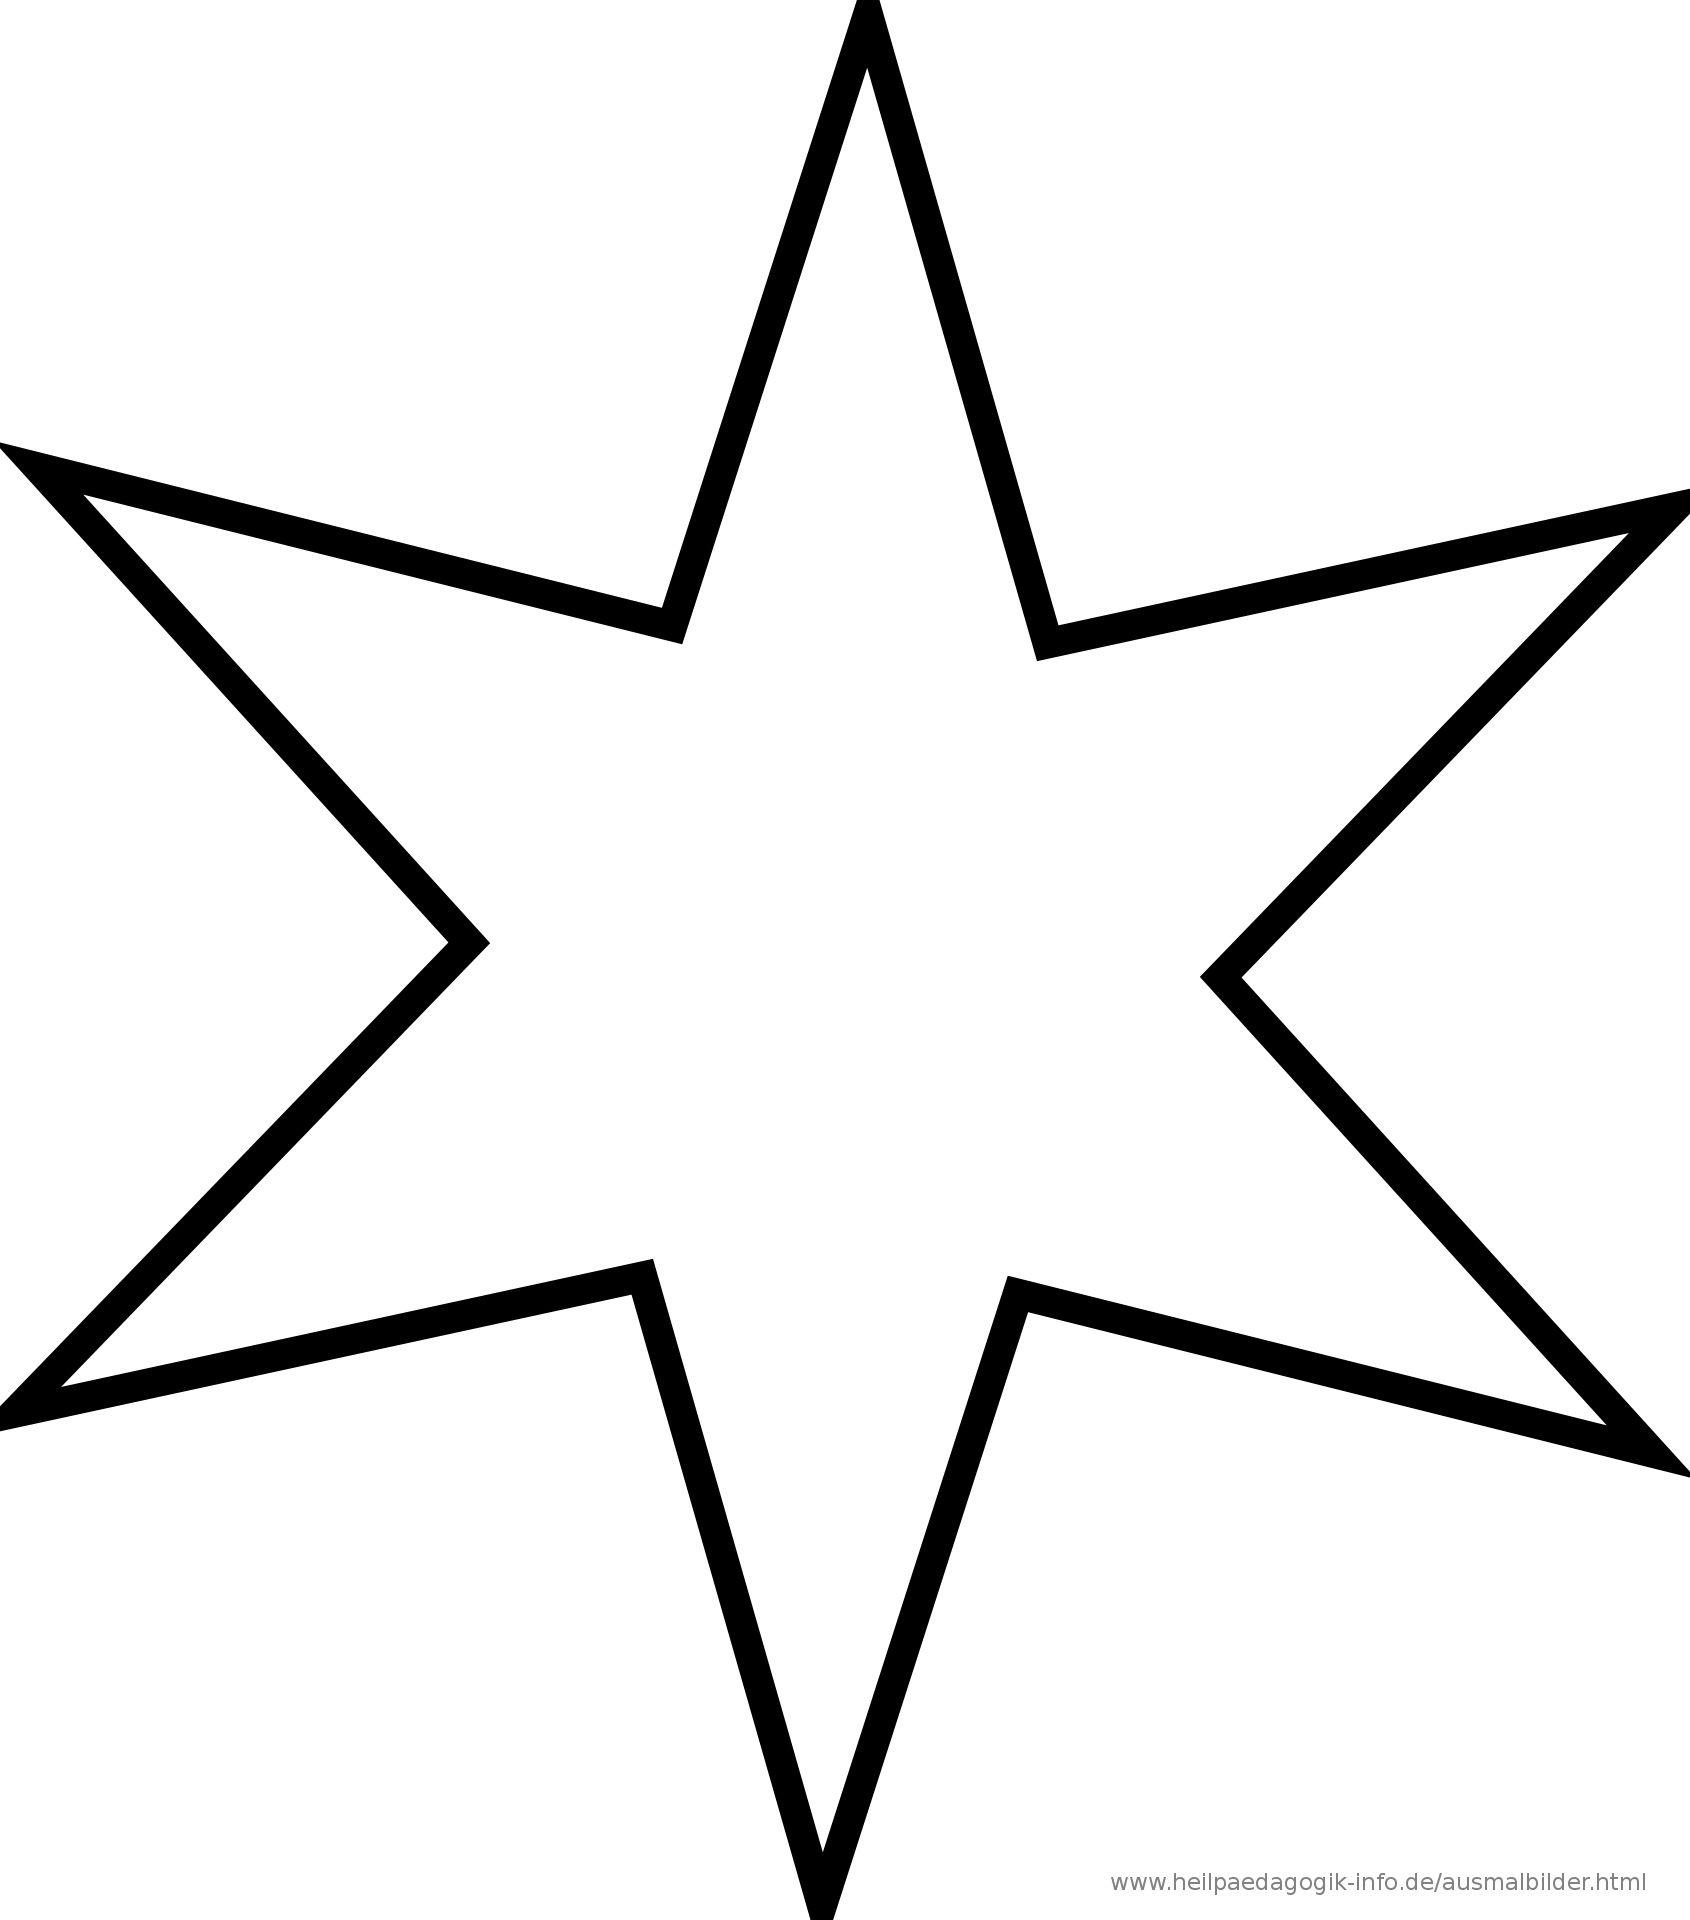 Ausmalbilder Zum Ausdrucken Sterne Modern Stern Vorlage in Malvorlage Stern Groß